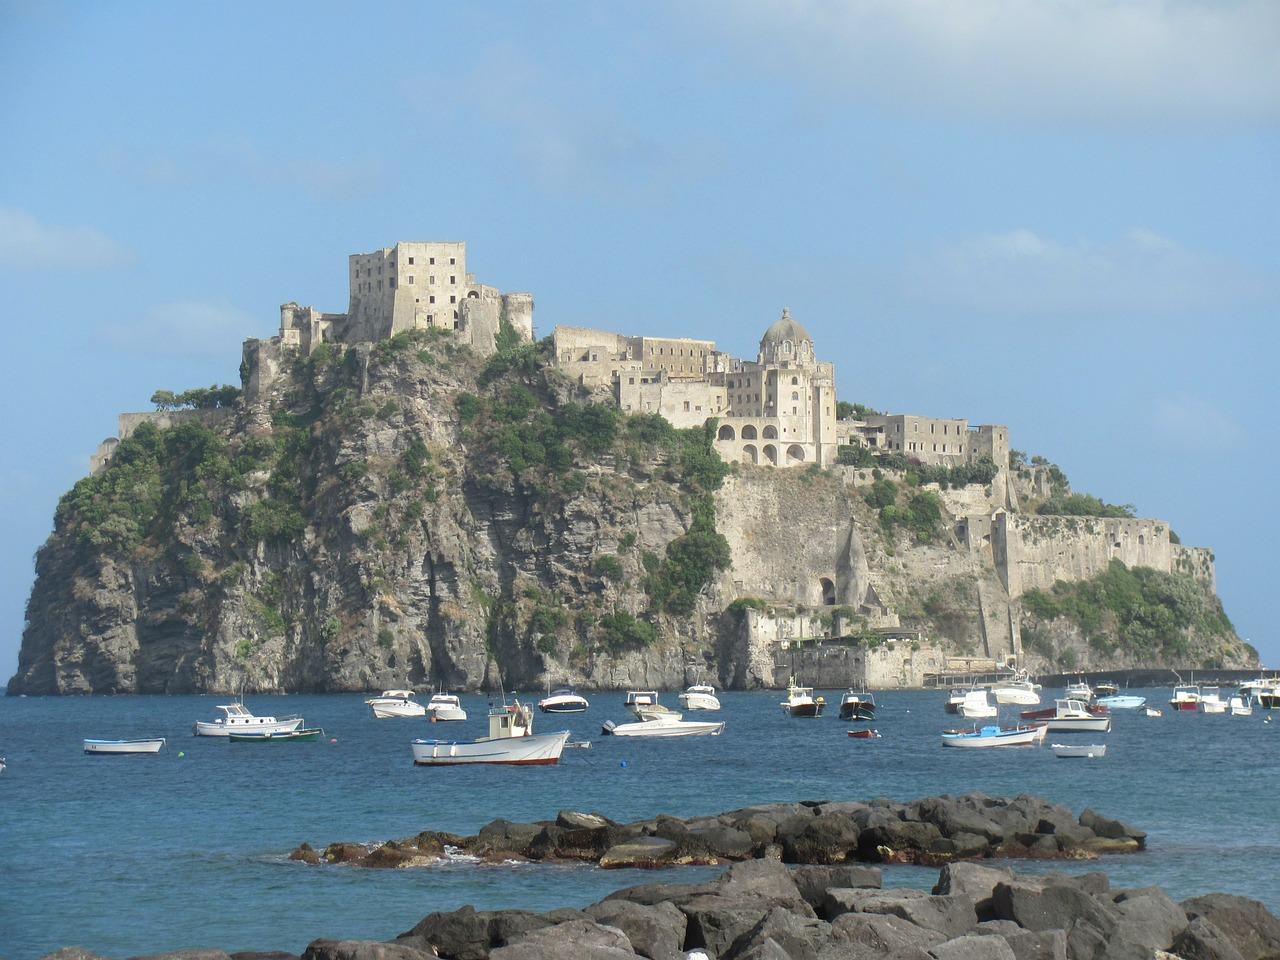 Cosa vedere a Ischia: i luoghi più belli da visitare